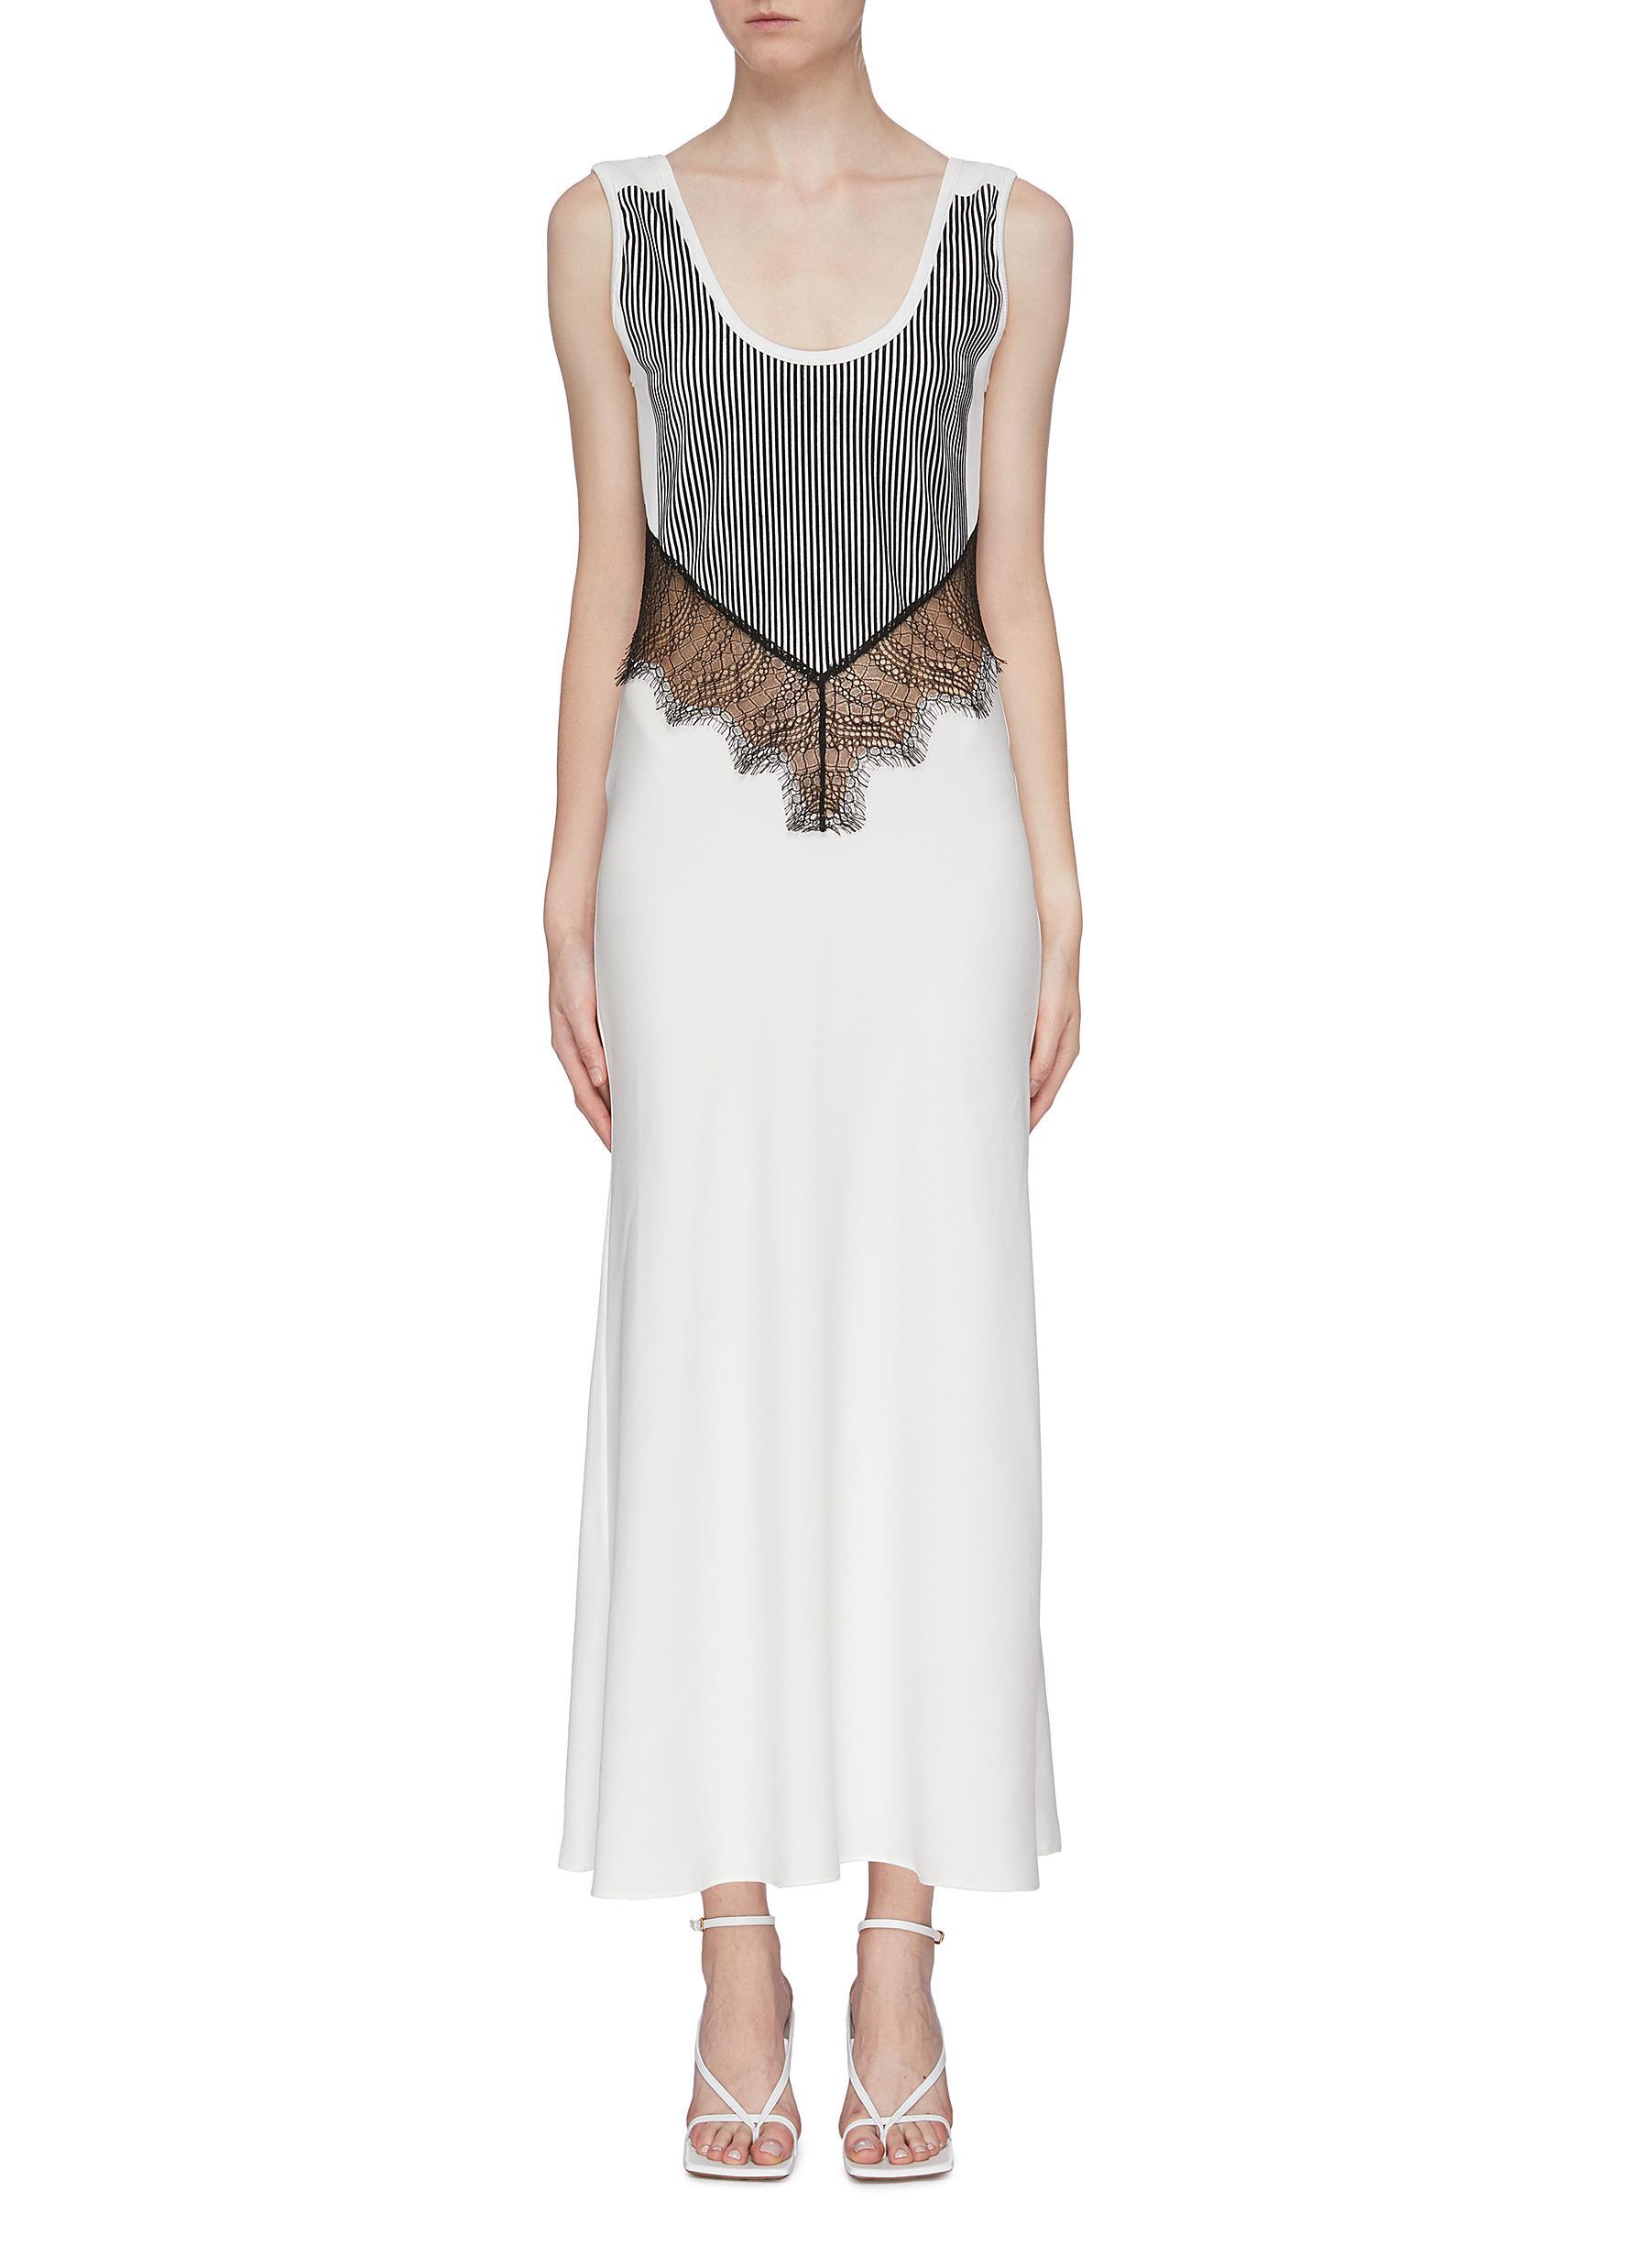 Lace waist panel flocked velvet tank dress by Christopher Esber